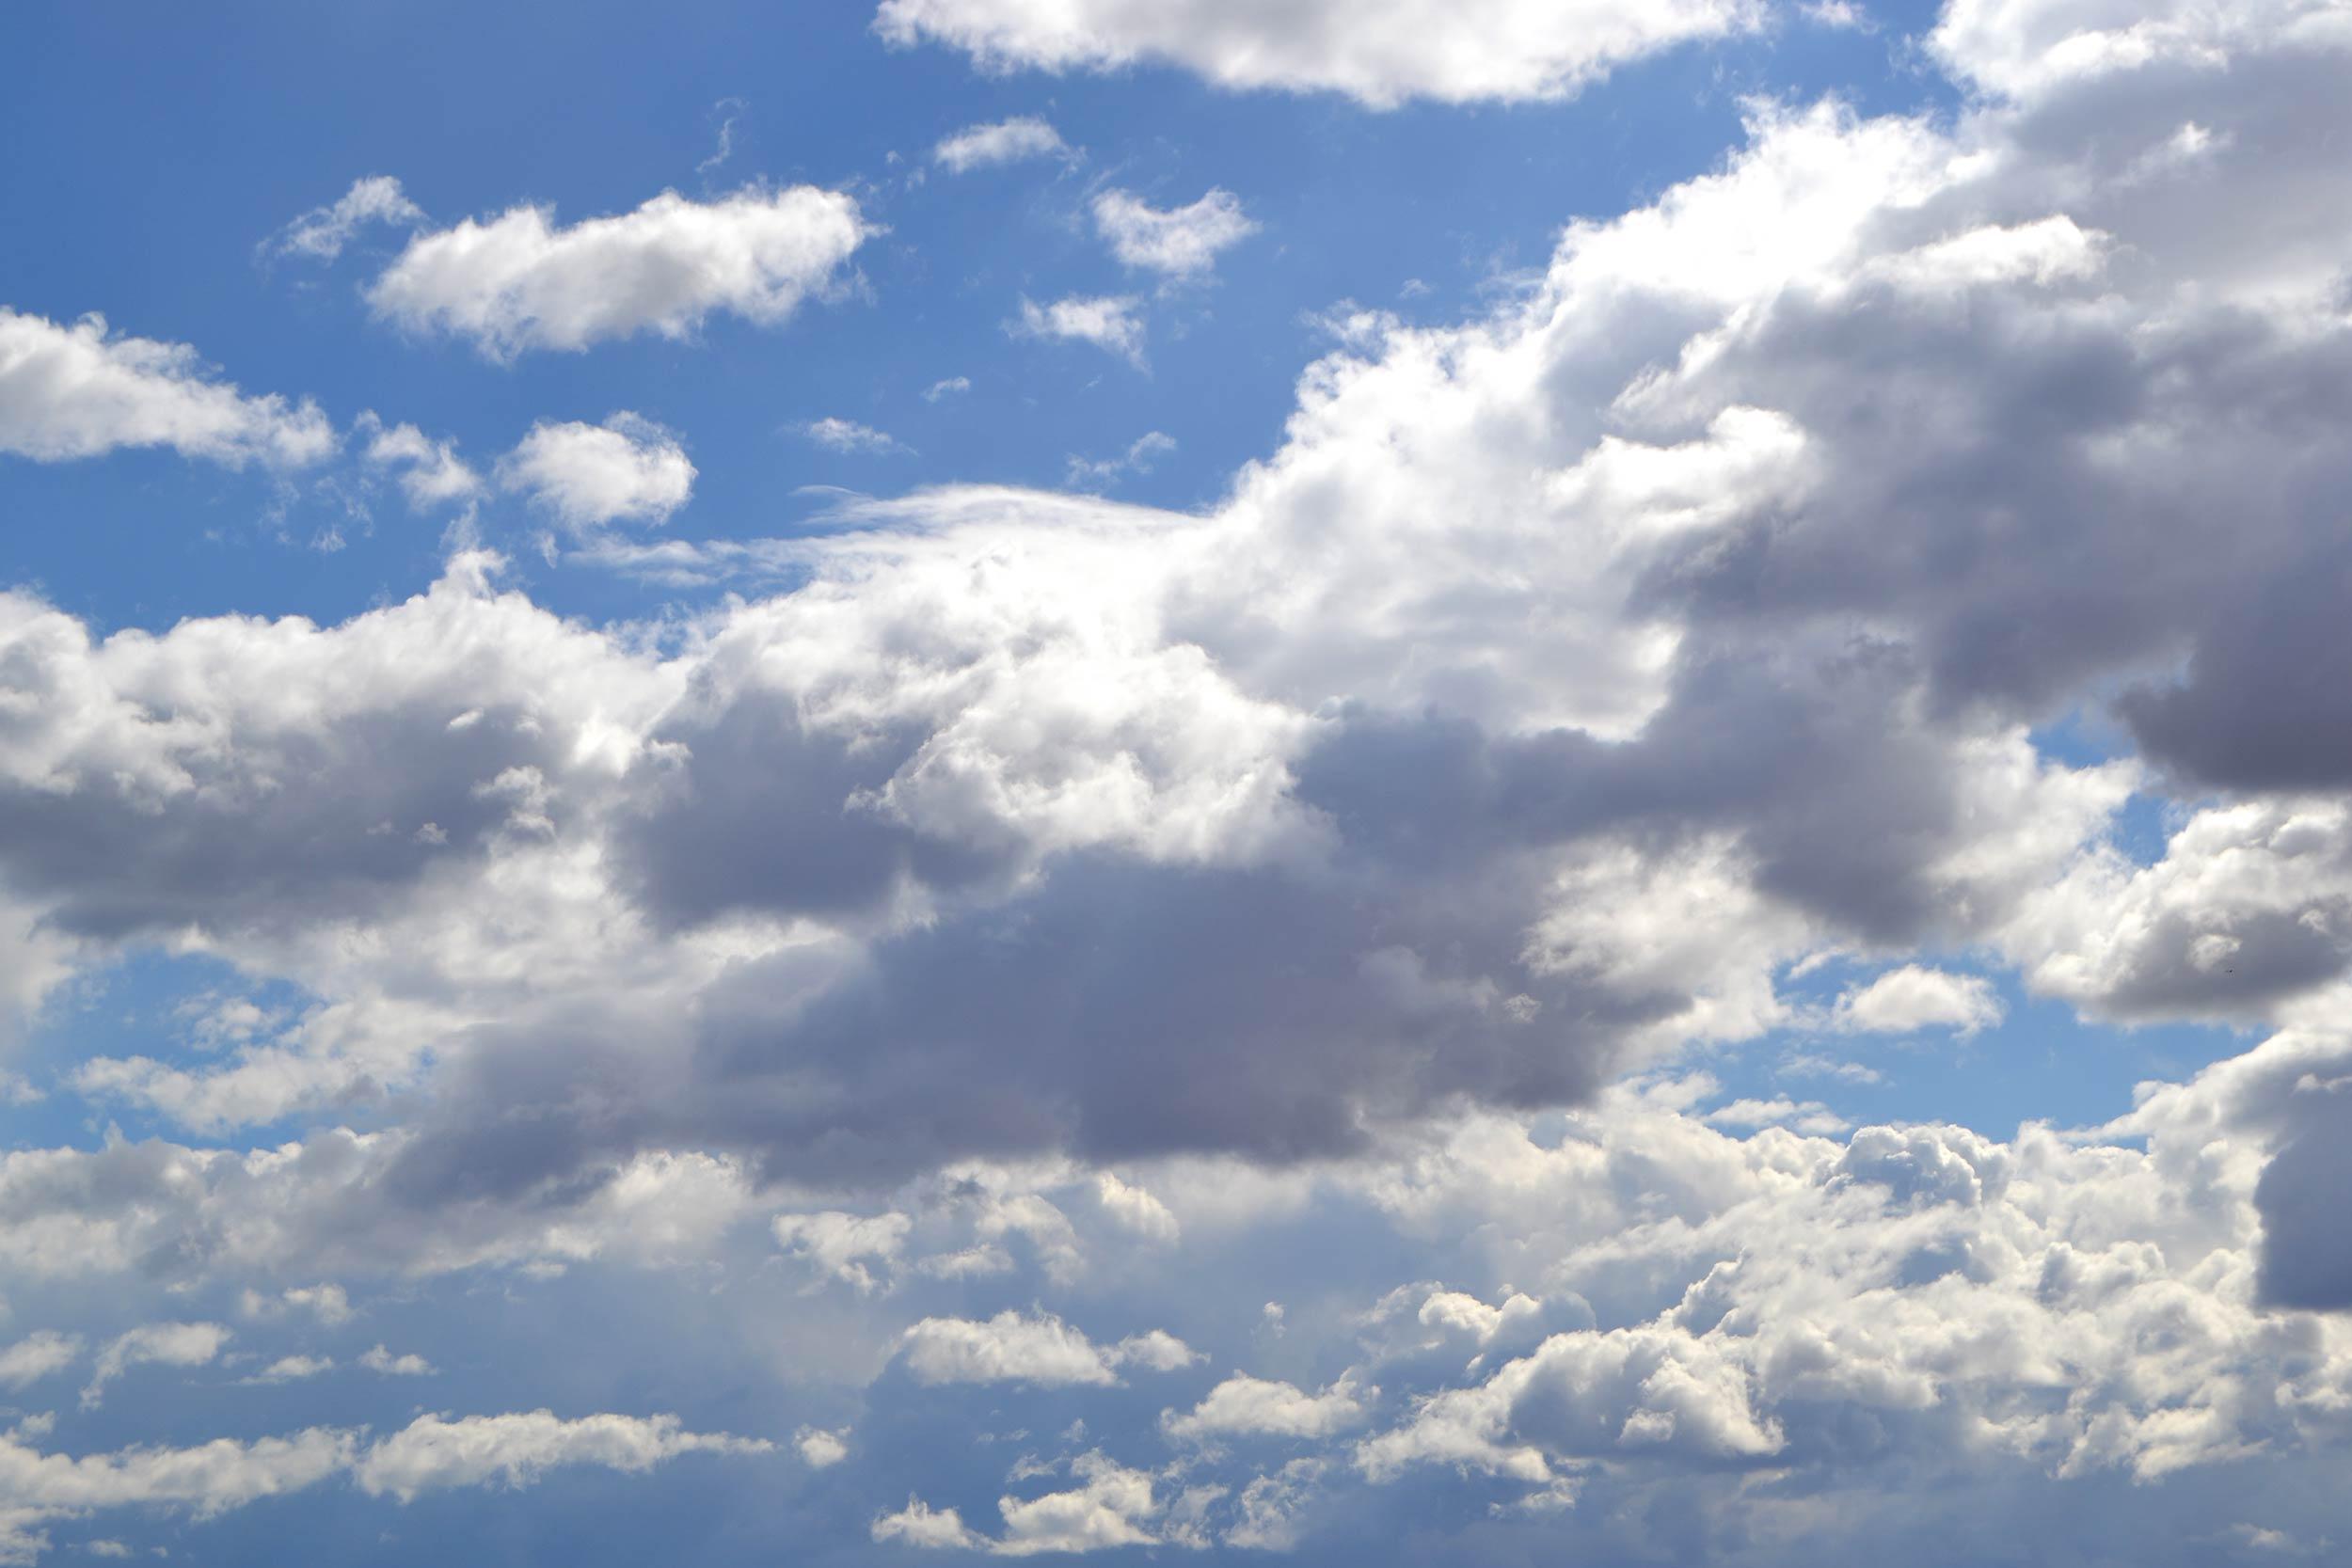 Ilustraciones y fotografía de grandes nubes